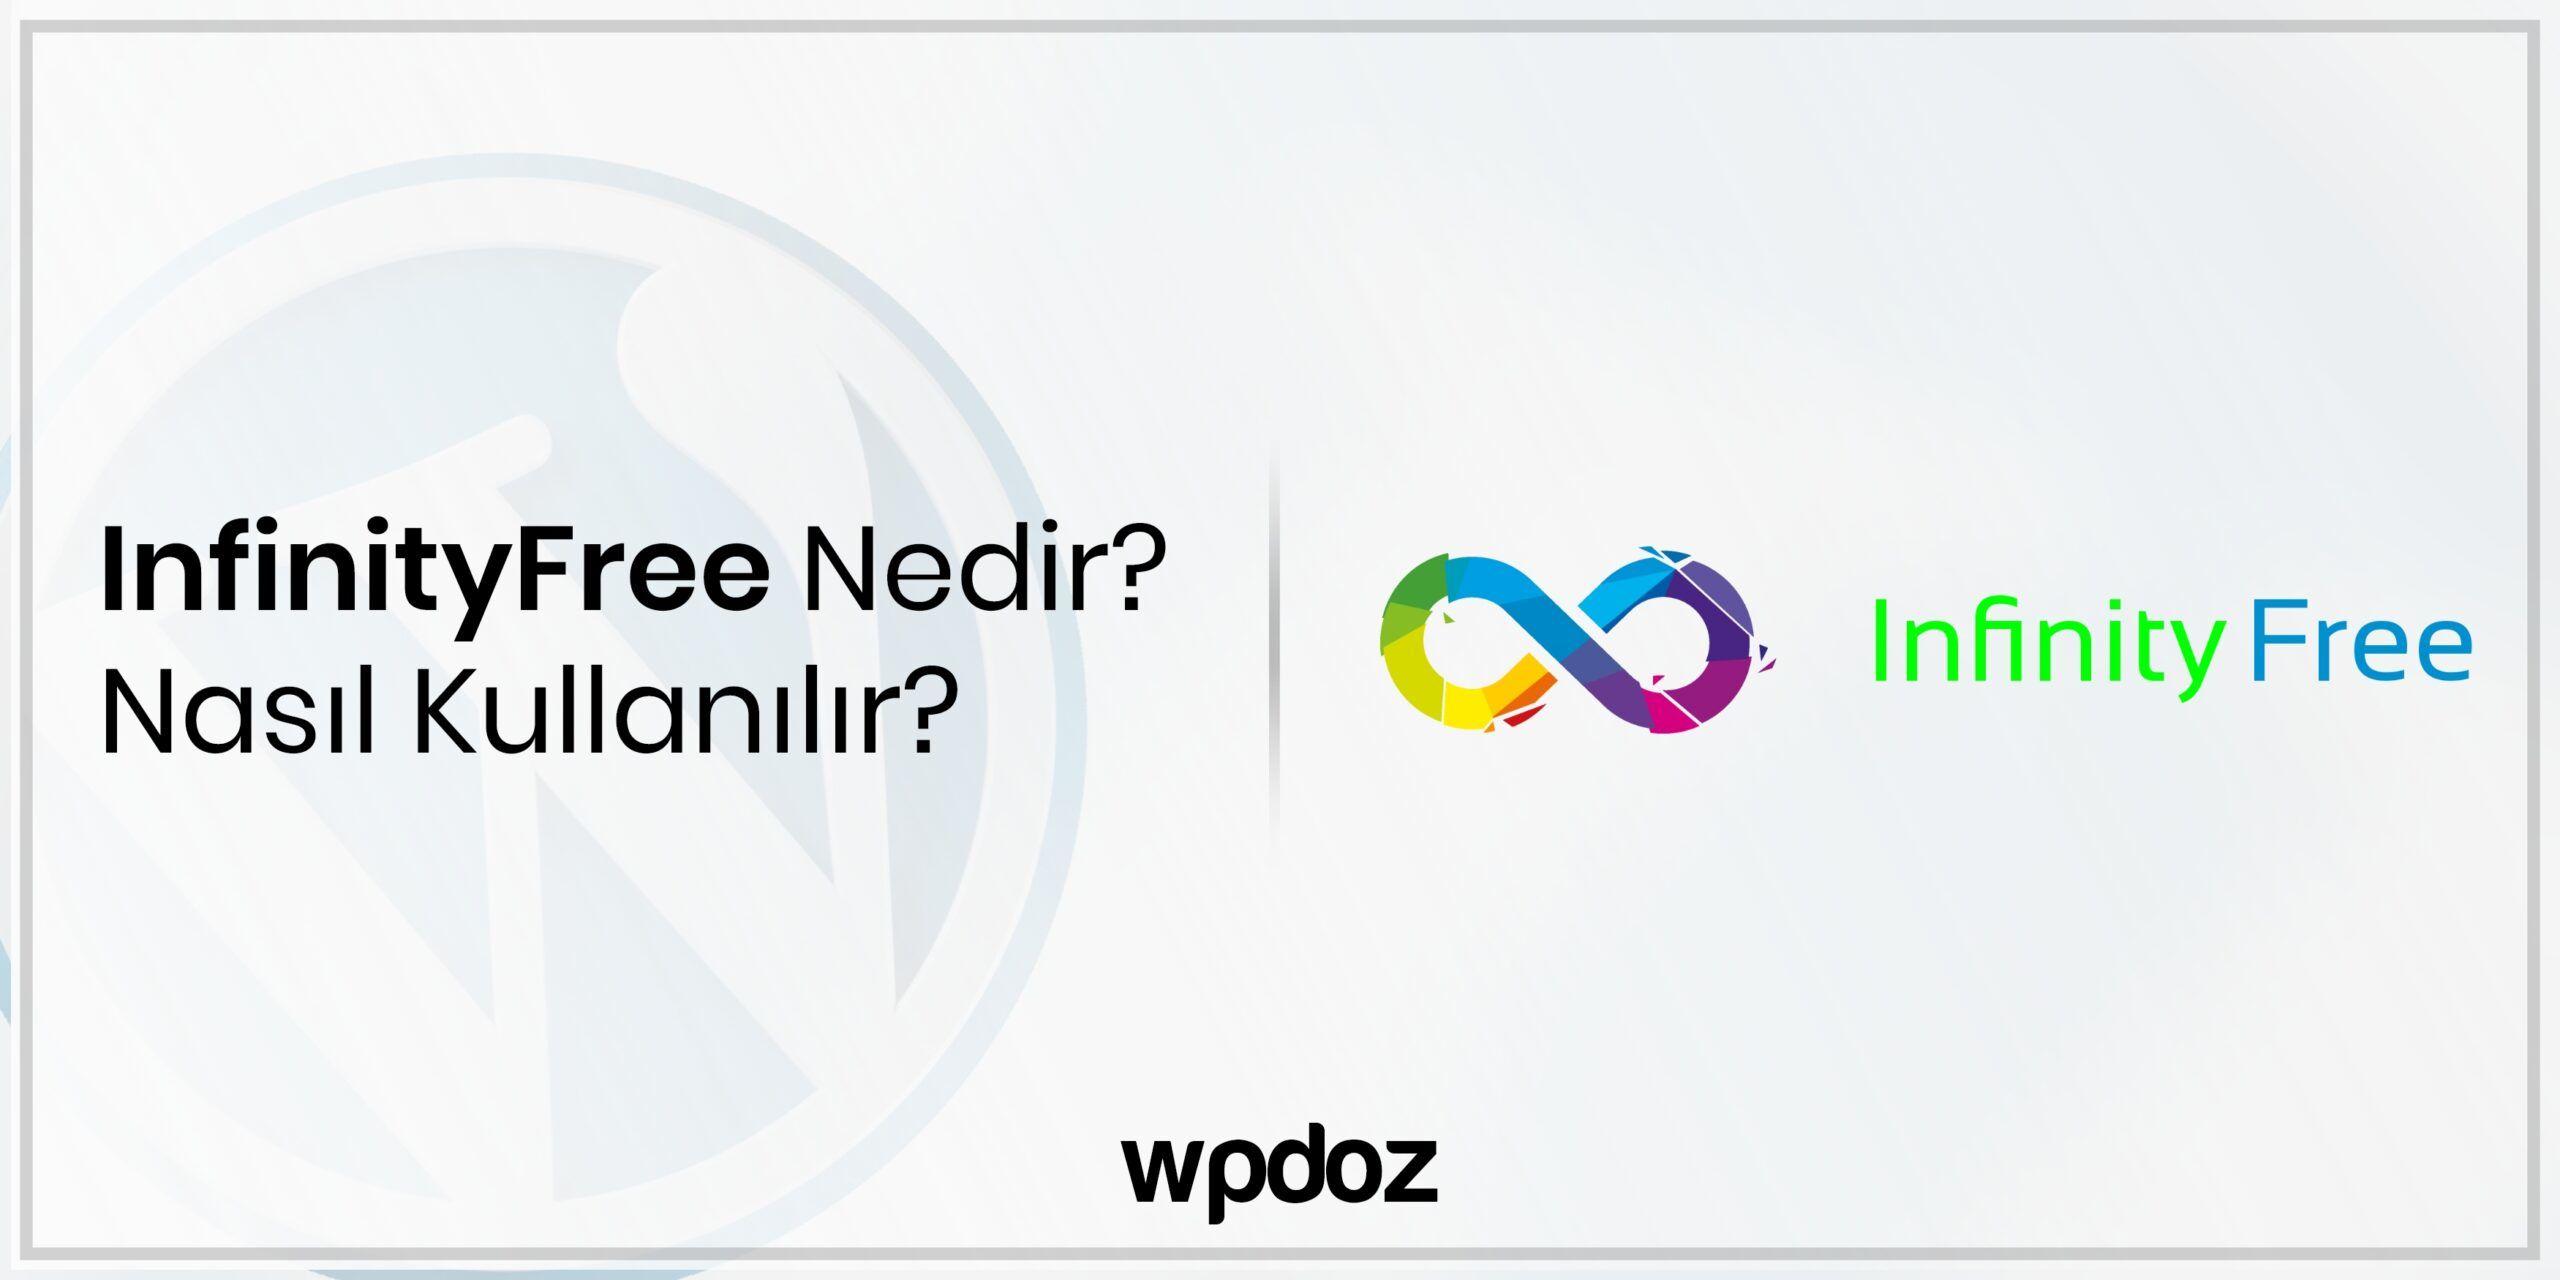 InfinityFree Nedir? Ücretsiz Site Kurma Rehberi